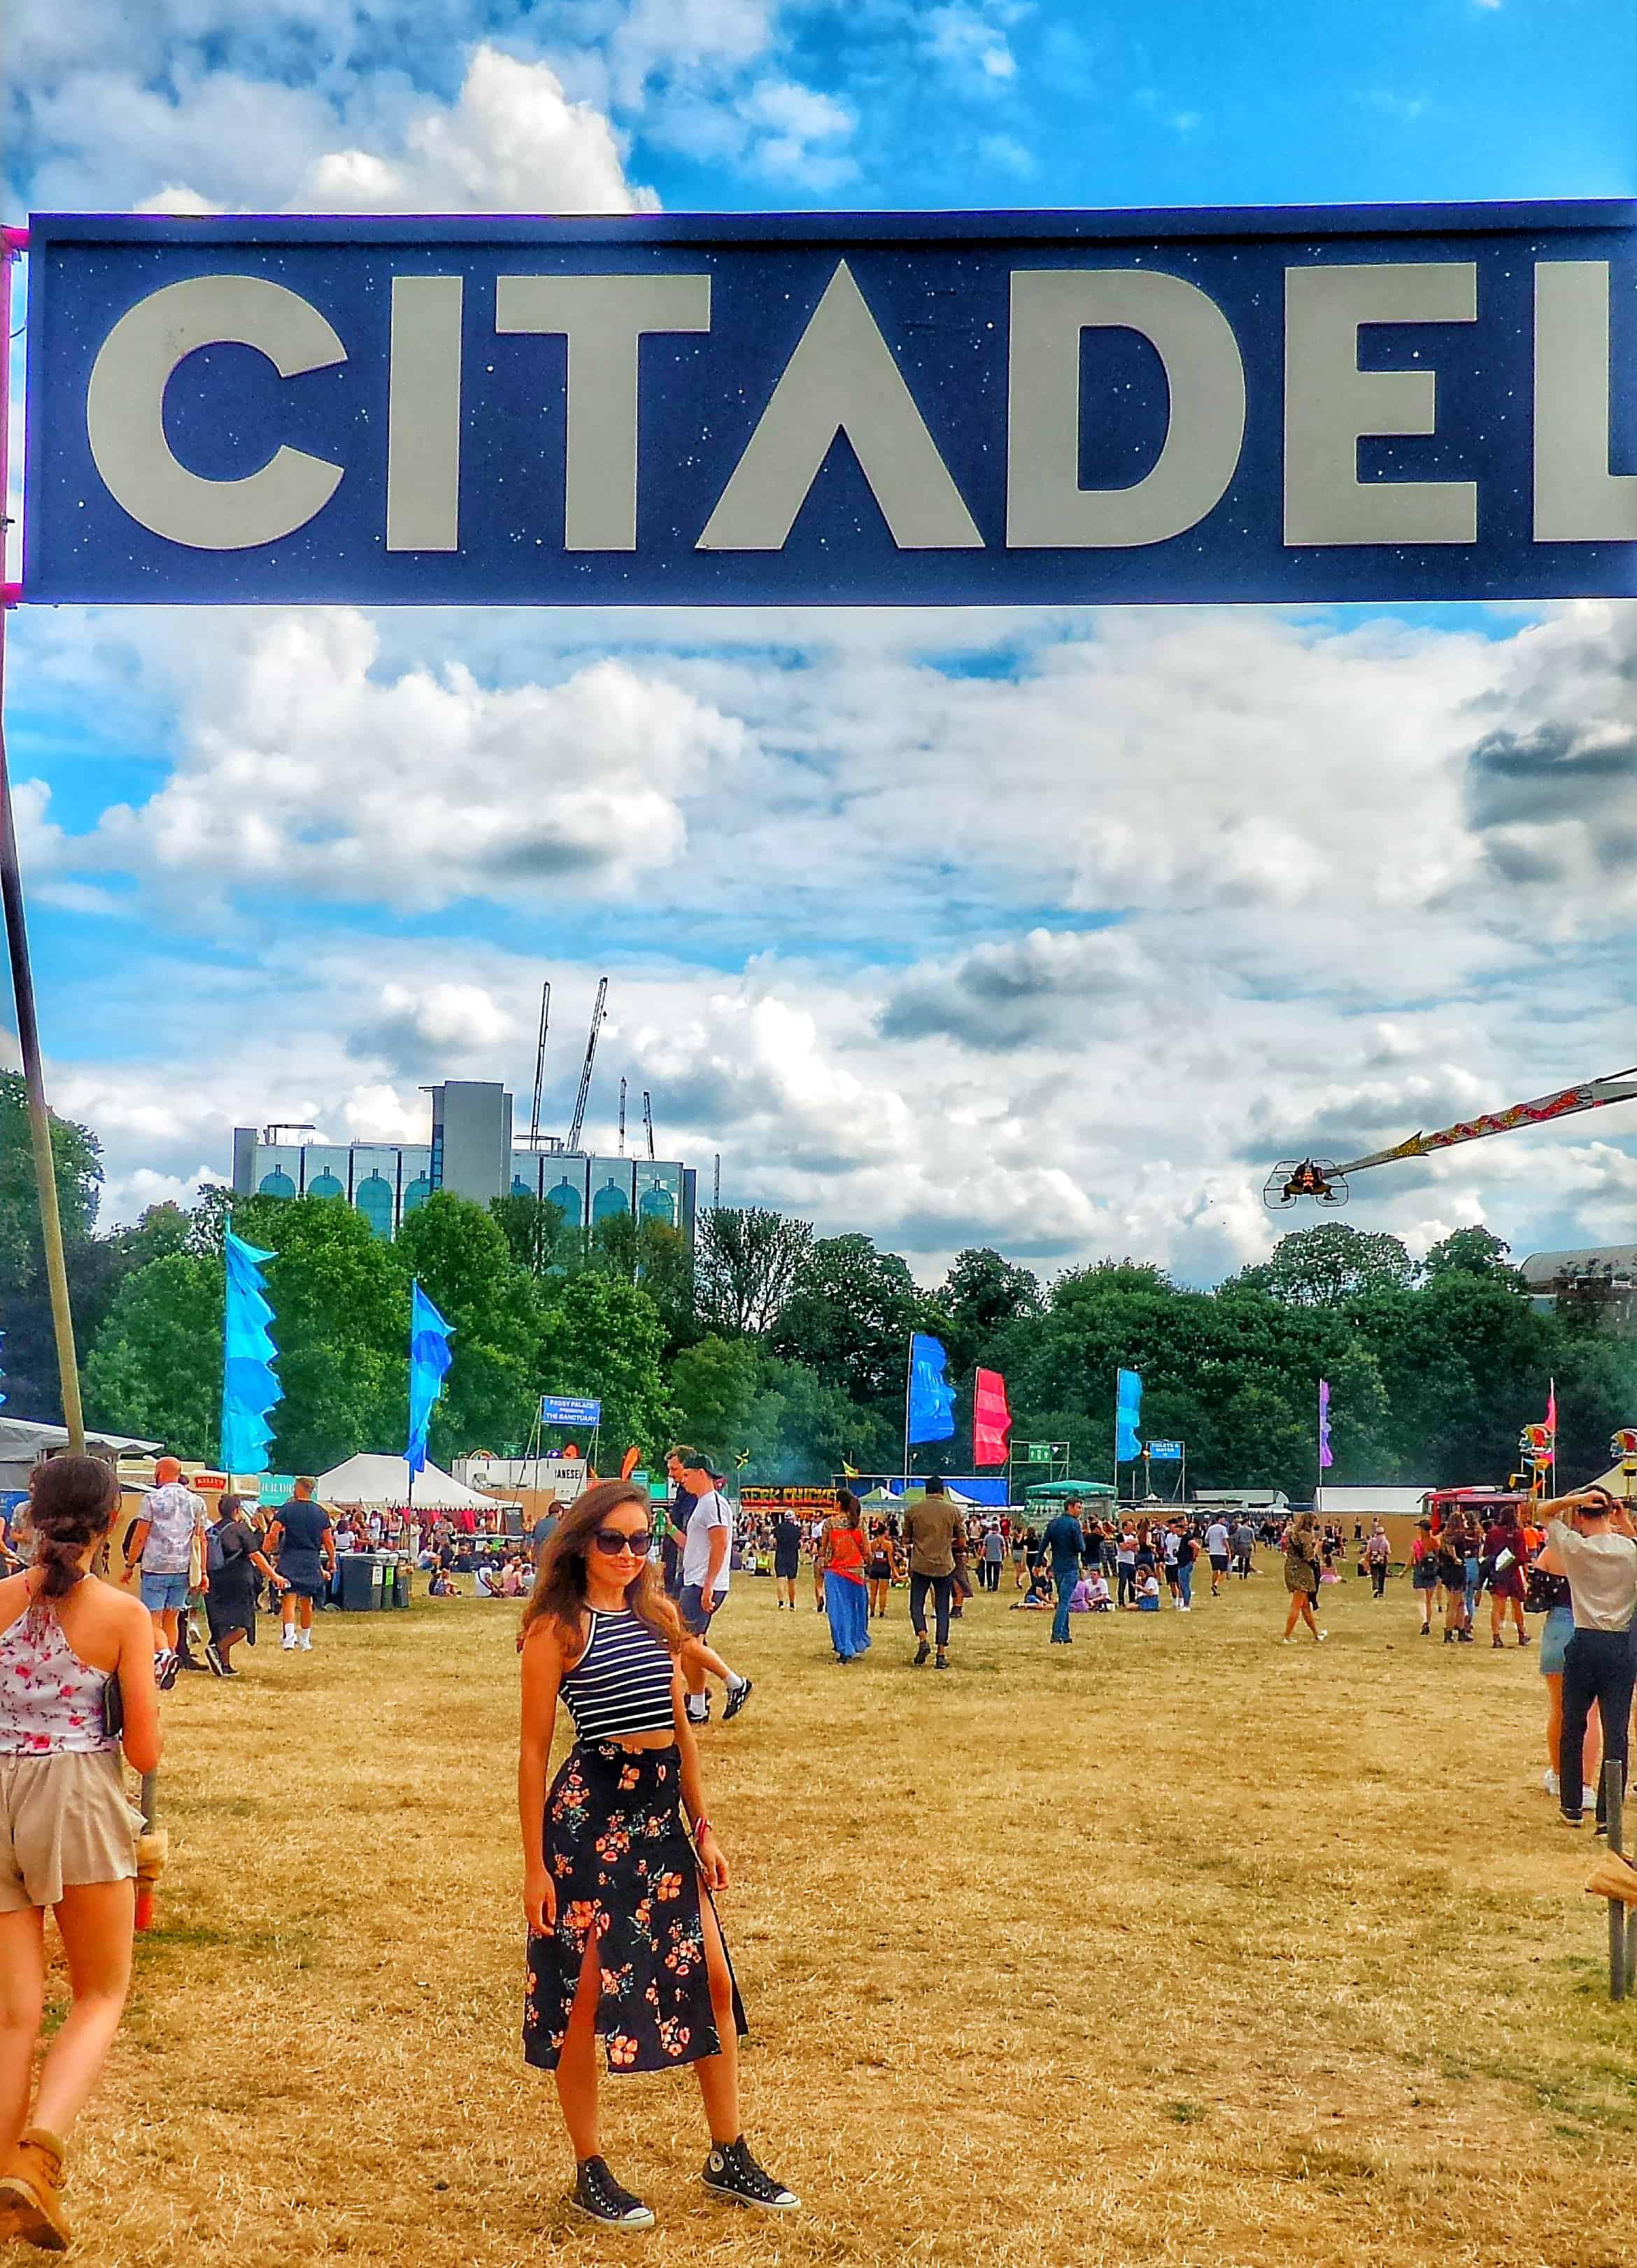 Turismo musical: Pri no Citadel, Festival em Londres. Foto: Divulgação